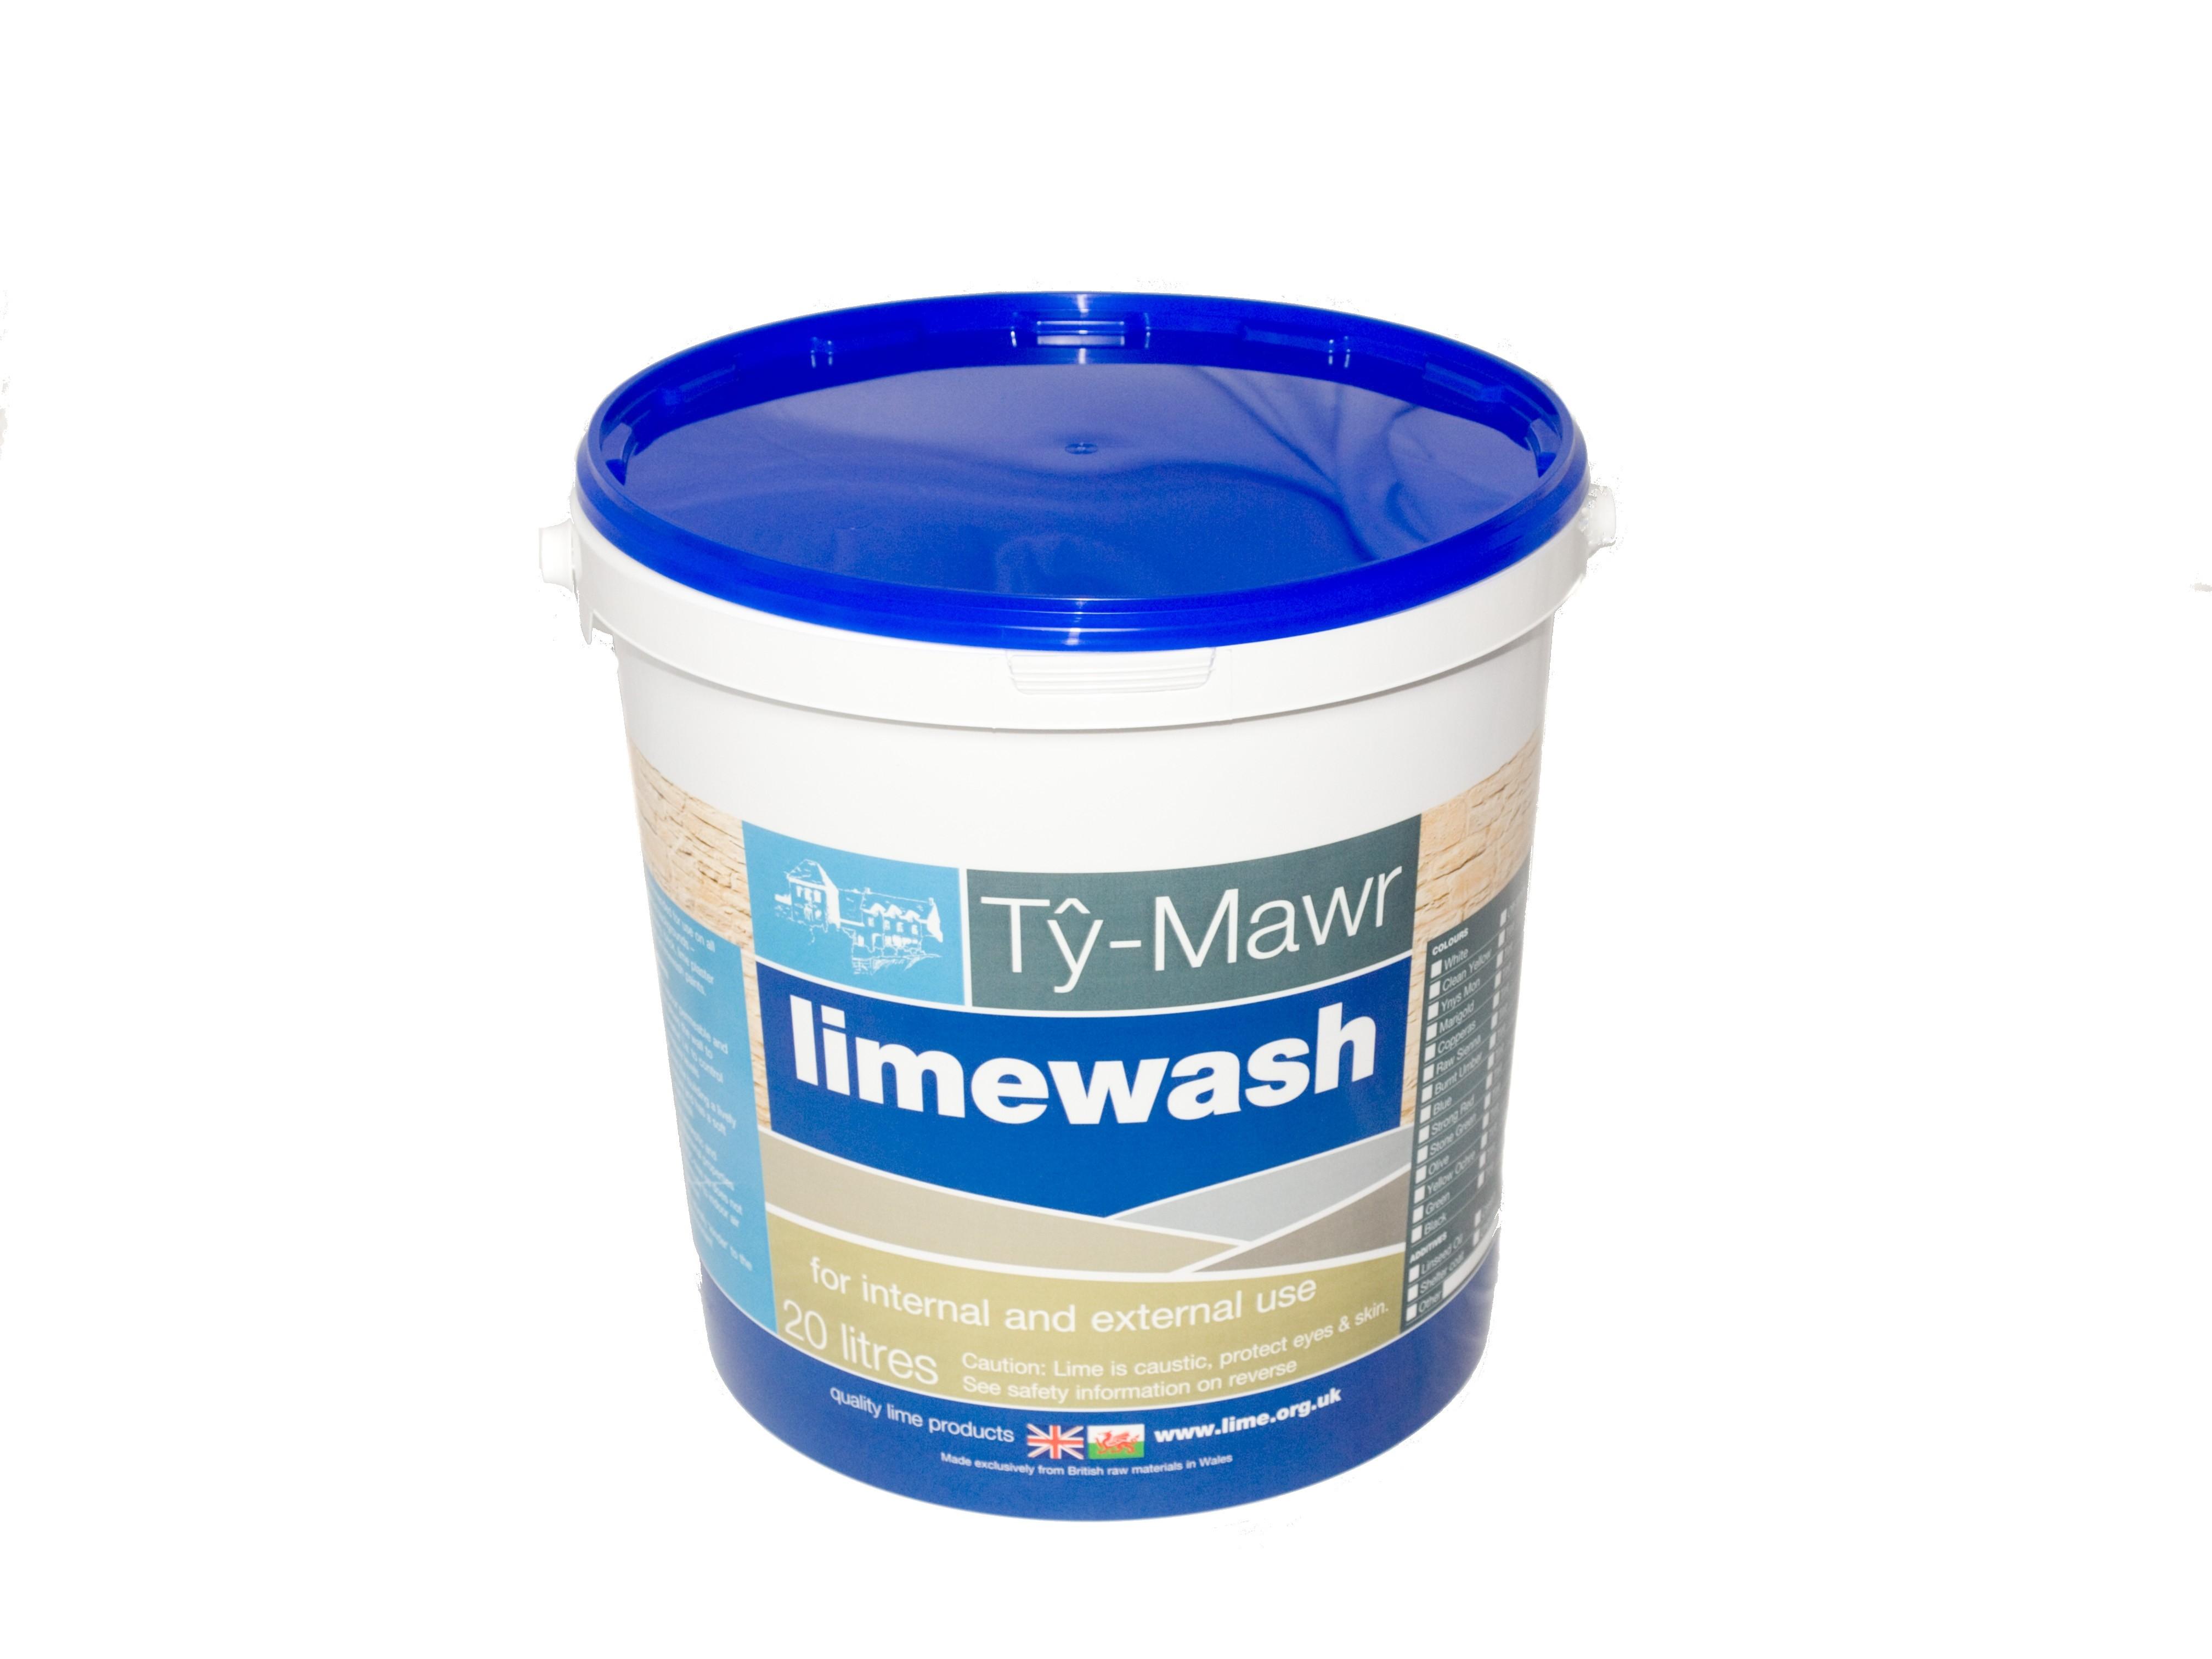 Ty-Mawr Limewash - With Casein